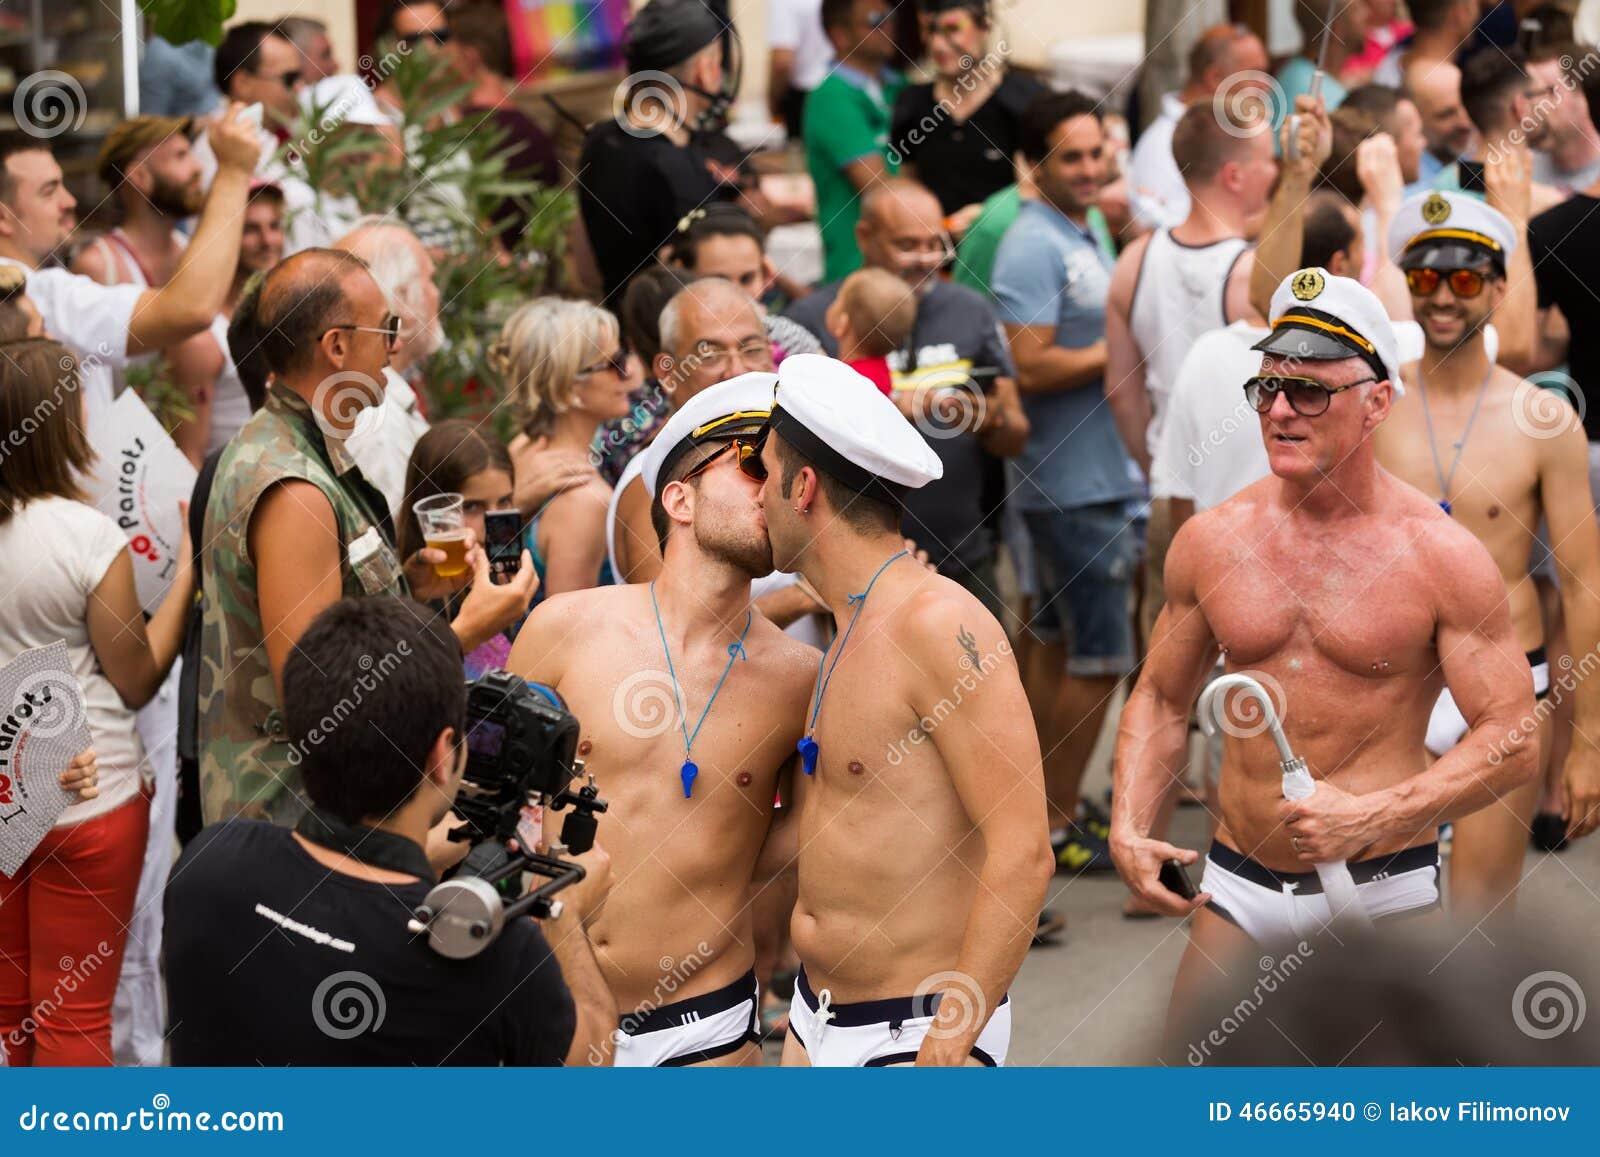 Vacaciones para hombres gay en florida